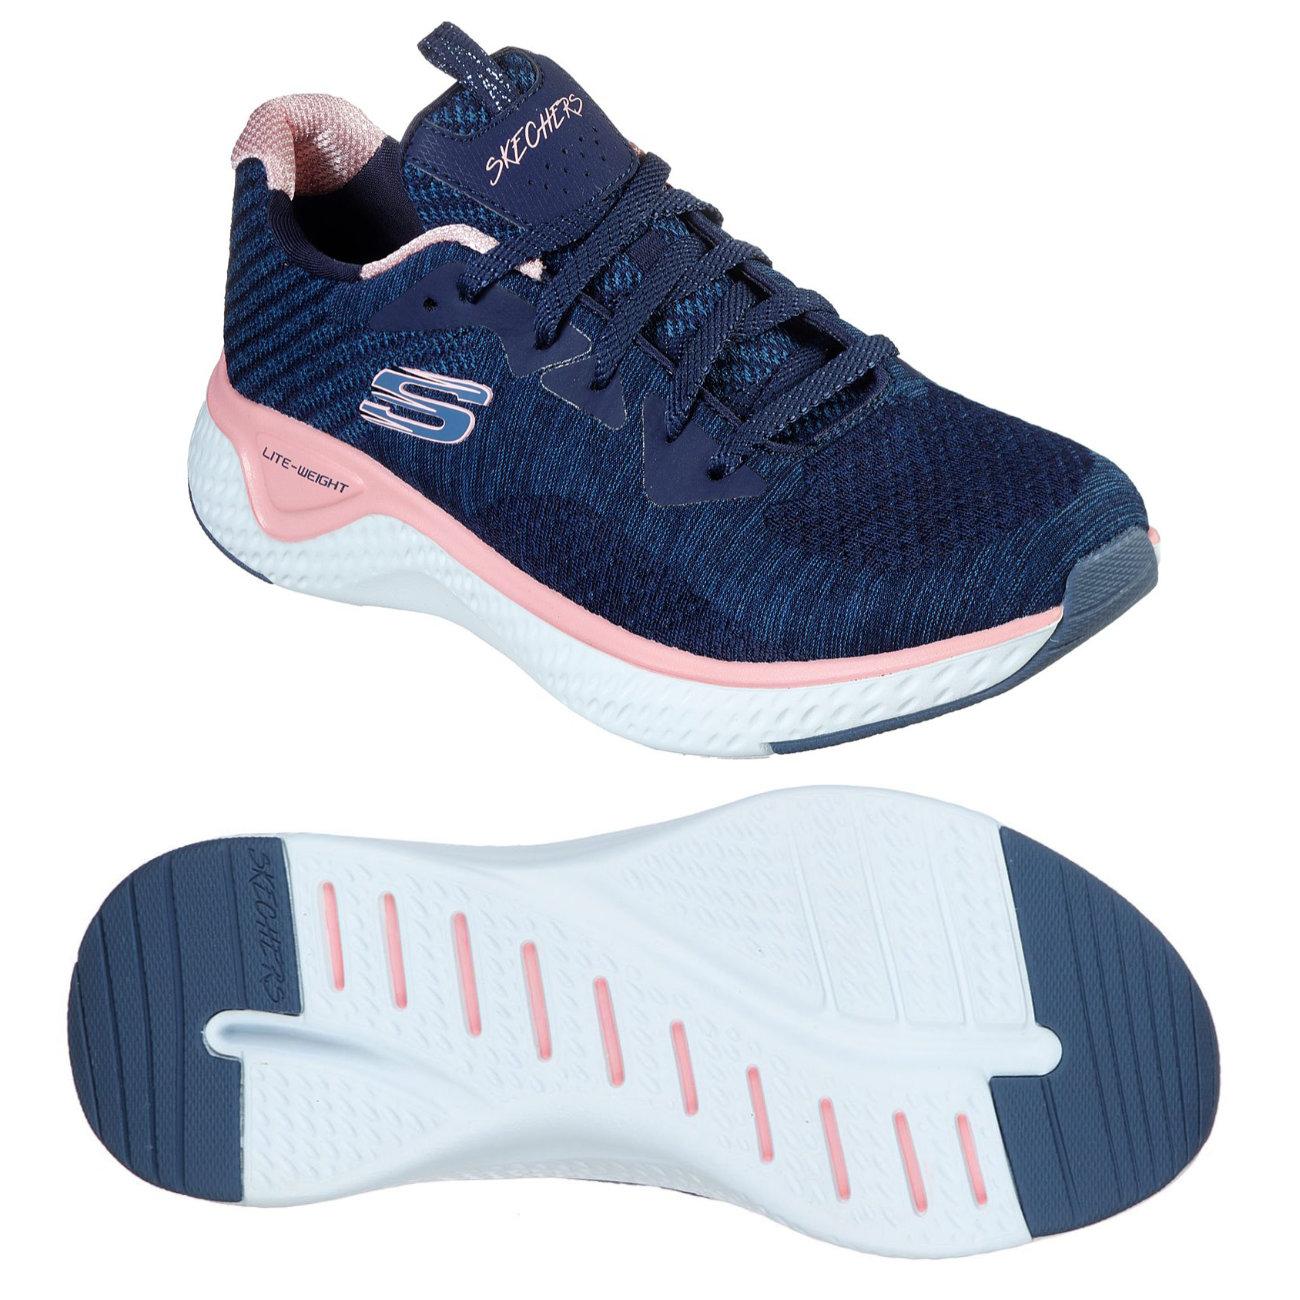 Skechers Solar Fuse Brisk Escape Ladies Training Shoes - 5.5 UK